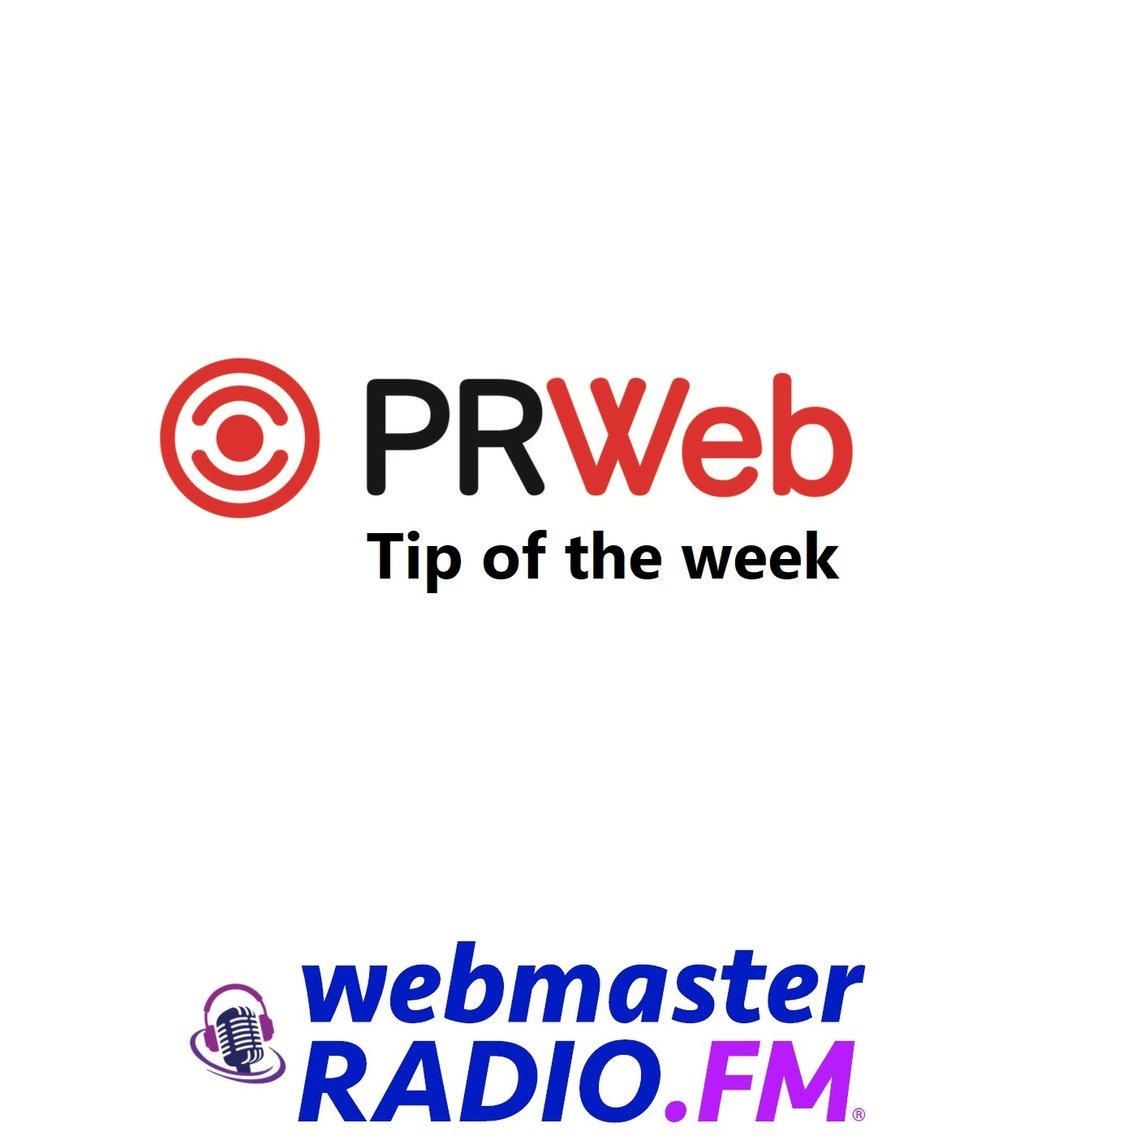 PRWeb Tip of the Week - imagen de portada